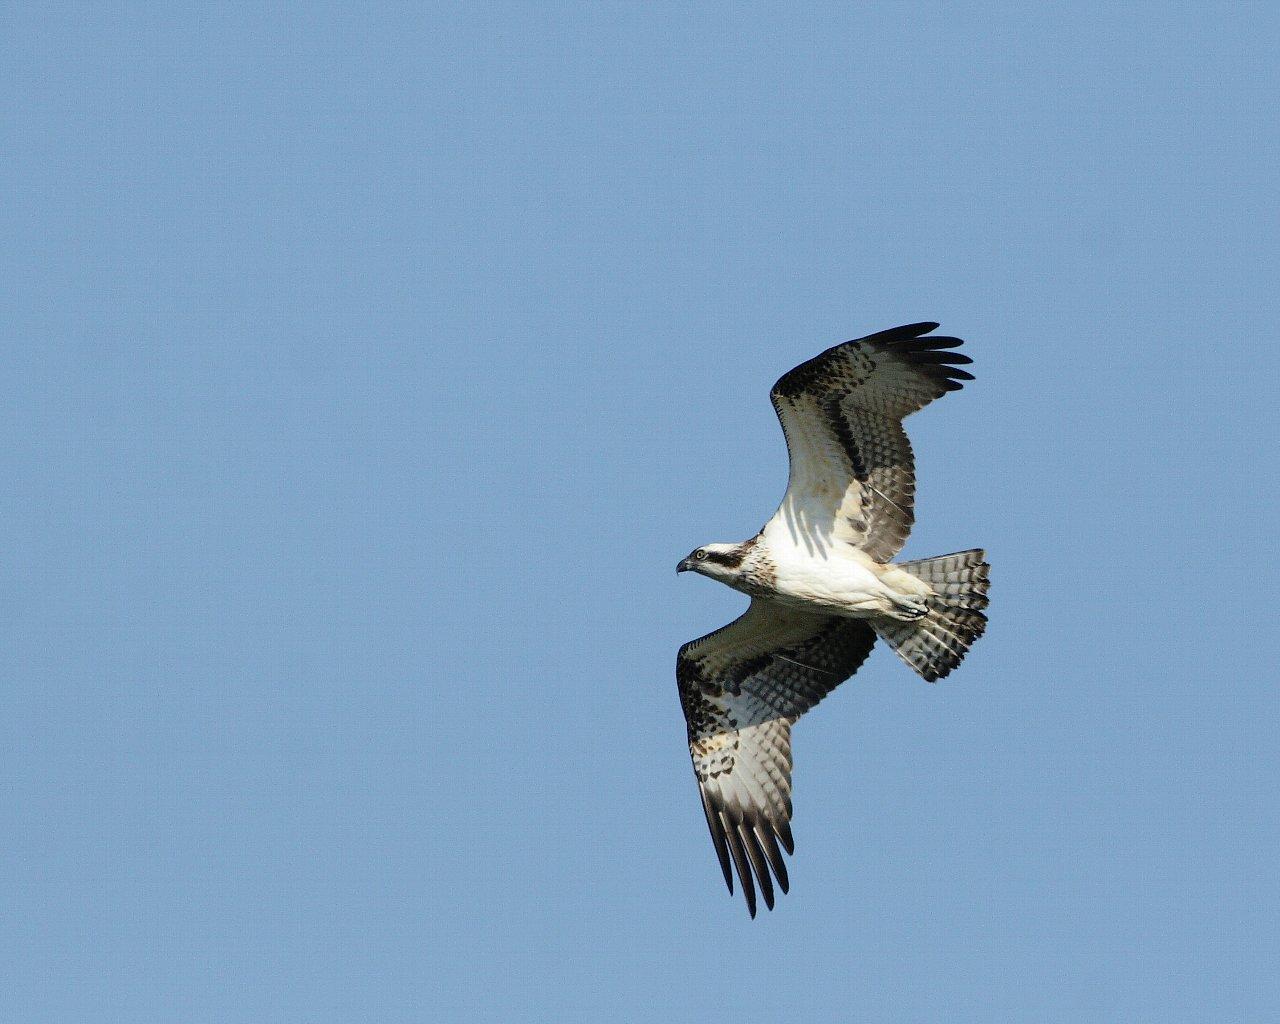 青空を飛ぶ精悍な猛禽ミサゴ(秋らしい野鳥の壁紙)_f0105570_21485539.jpg